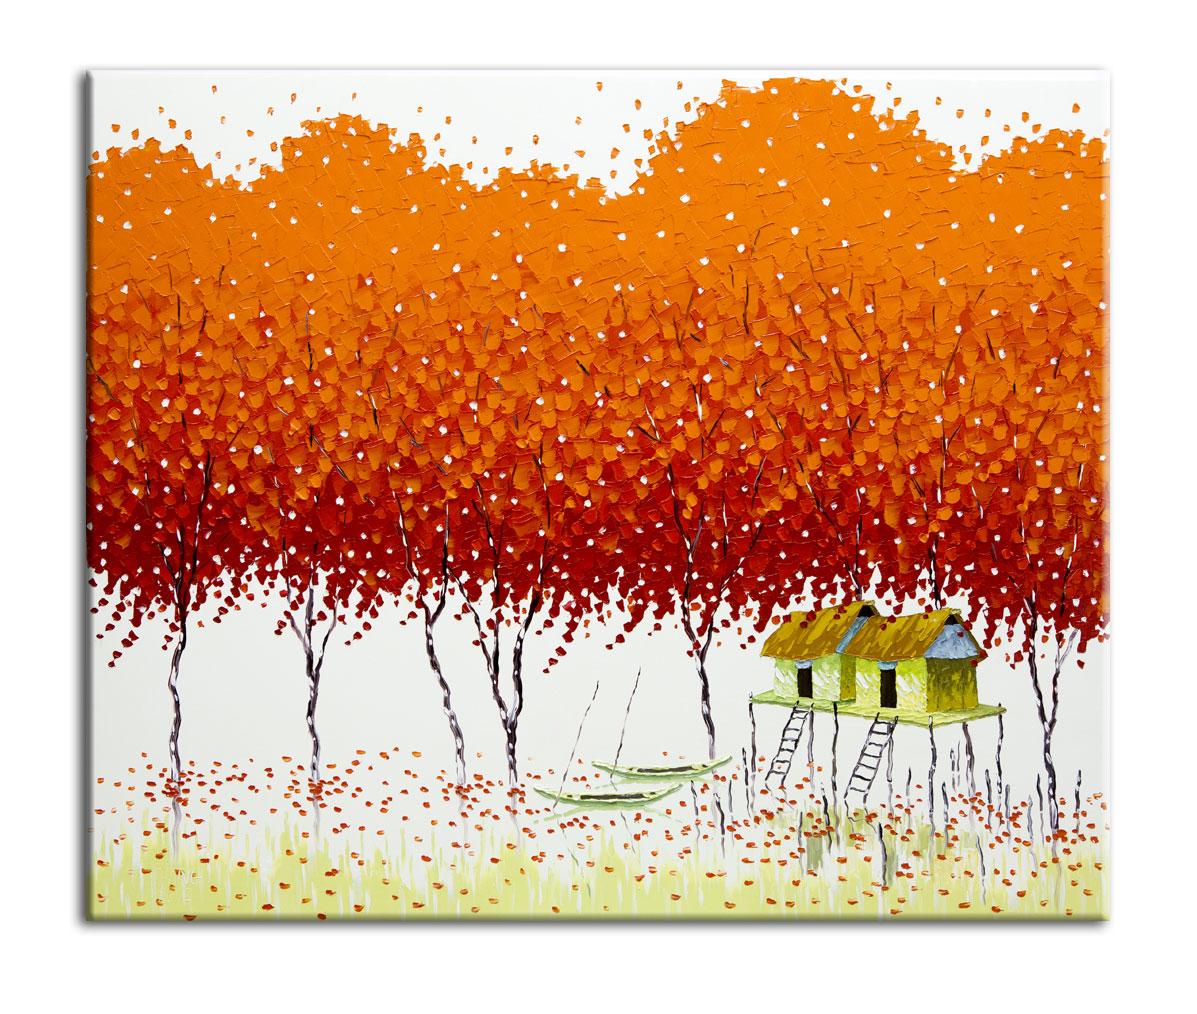 Картина  Домики у водыКартины<br>Авторская копия картины вьетнамской художницы Phan Thu Trang в технике жекле.&amp;lt;div&amp;gt;&amp;lt;br&amp;gt;&amp;lt;/div&amp;gt;&amp;lt;div&amp;gt;Материал: натуральный холст, деревянный подрамник, лак,итальянский фактурный гель.&amp;lt;br&amp;gt;&amp;lt;/div&amp;gt;<br><br>Material: Холст<br>Width см: 42<br>Depth см: 3<br>Height см: 35